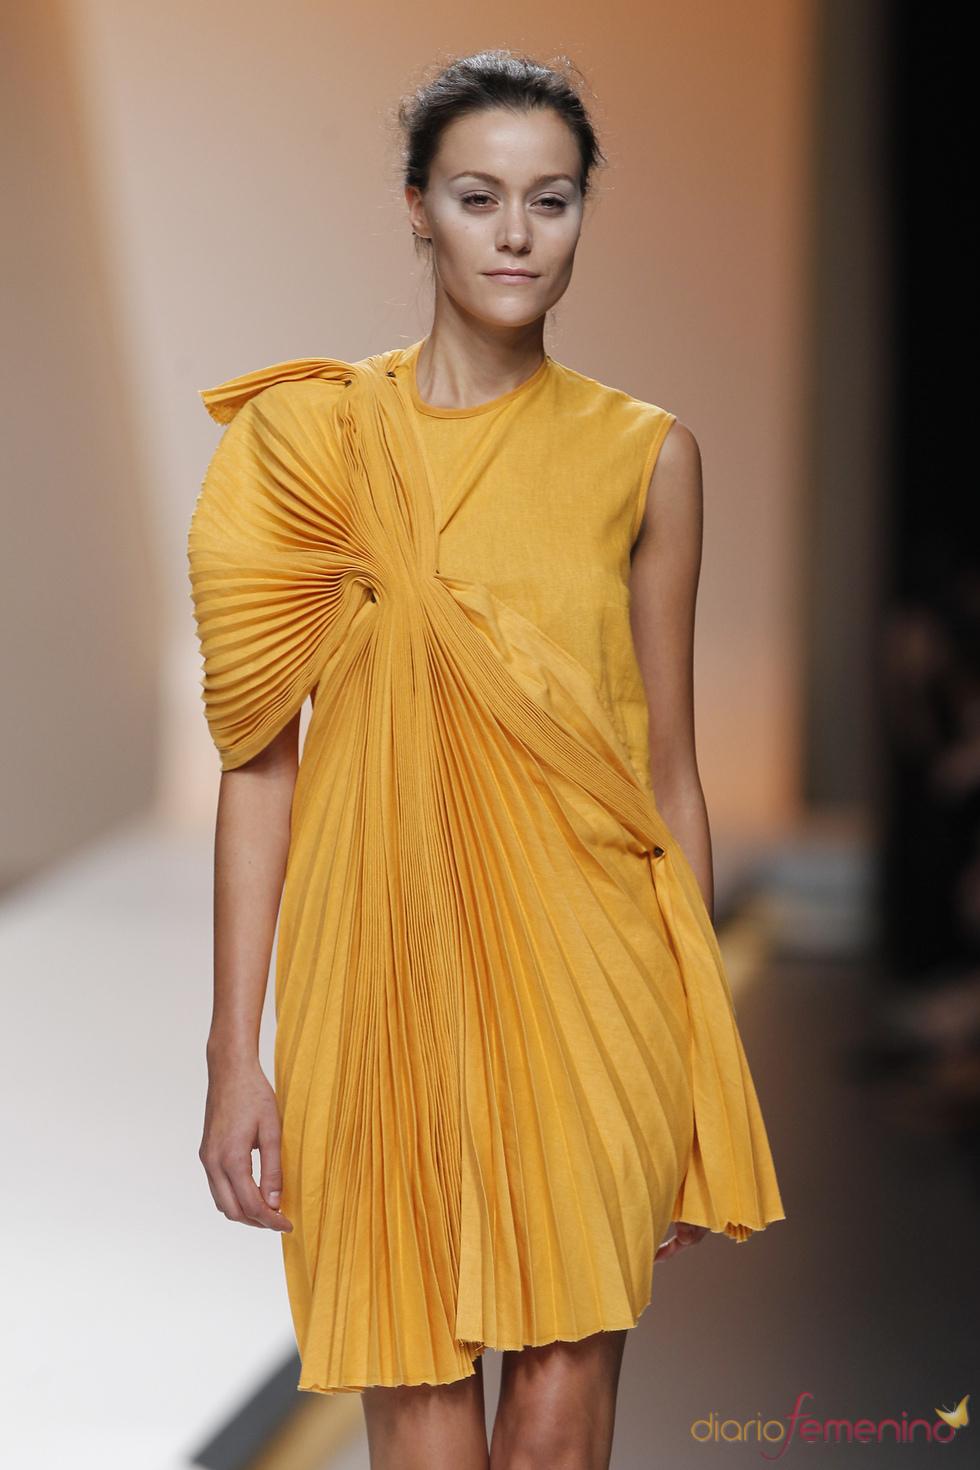 El amarillo domina en la colección de Diana Dorado para la primavera verano de 2011